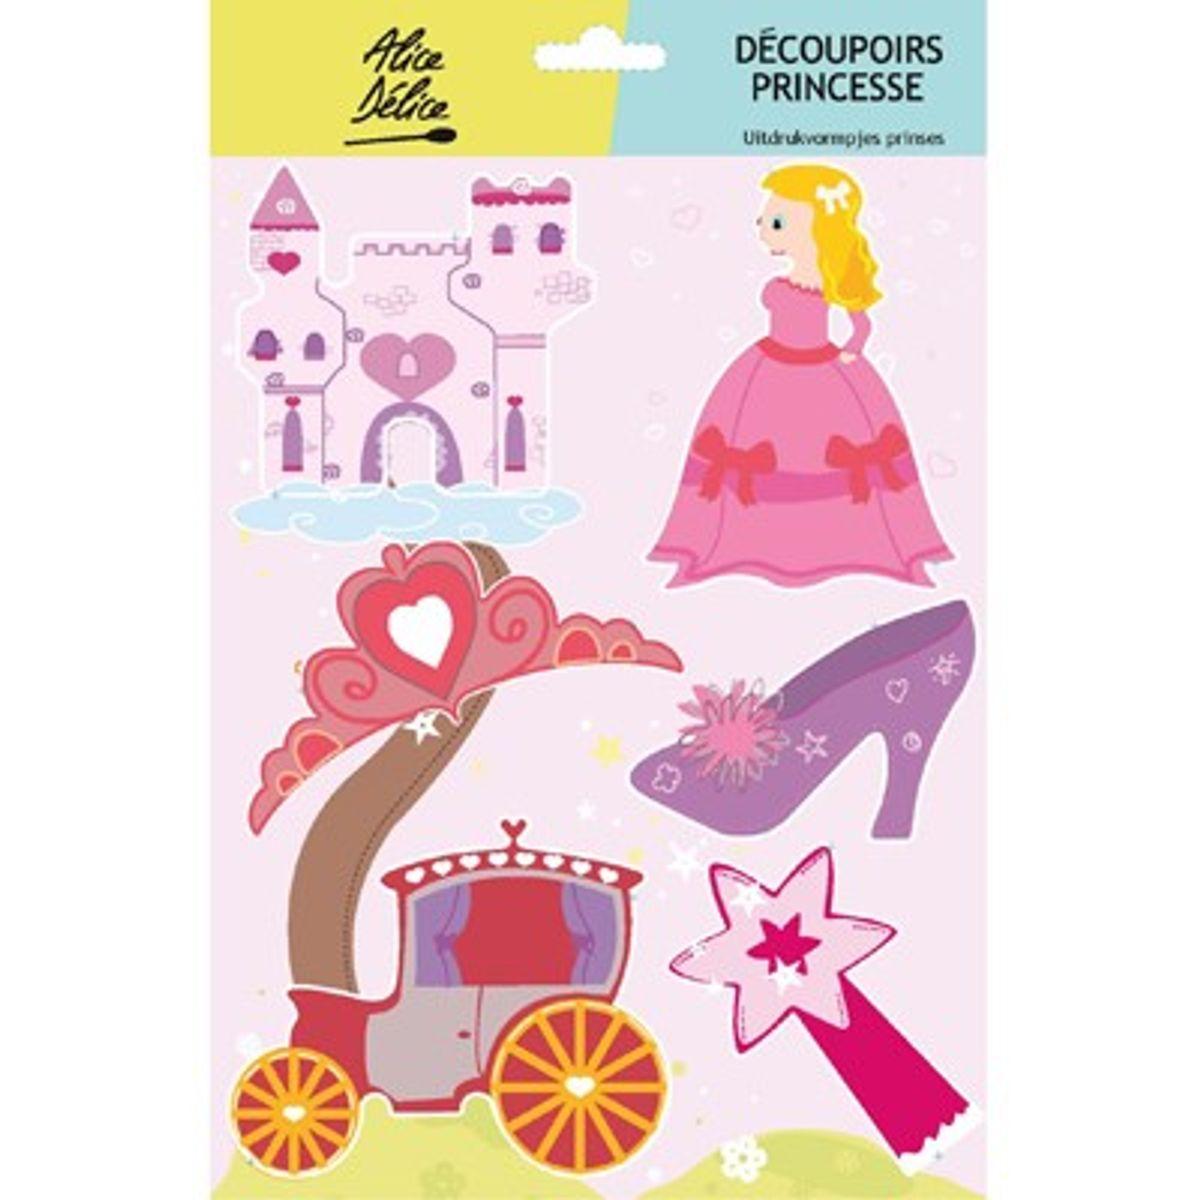 6 découpoirs inox princesse - Alice Délice